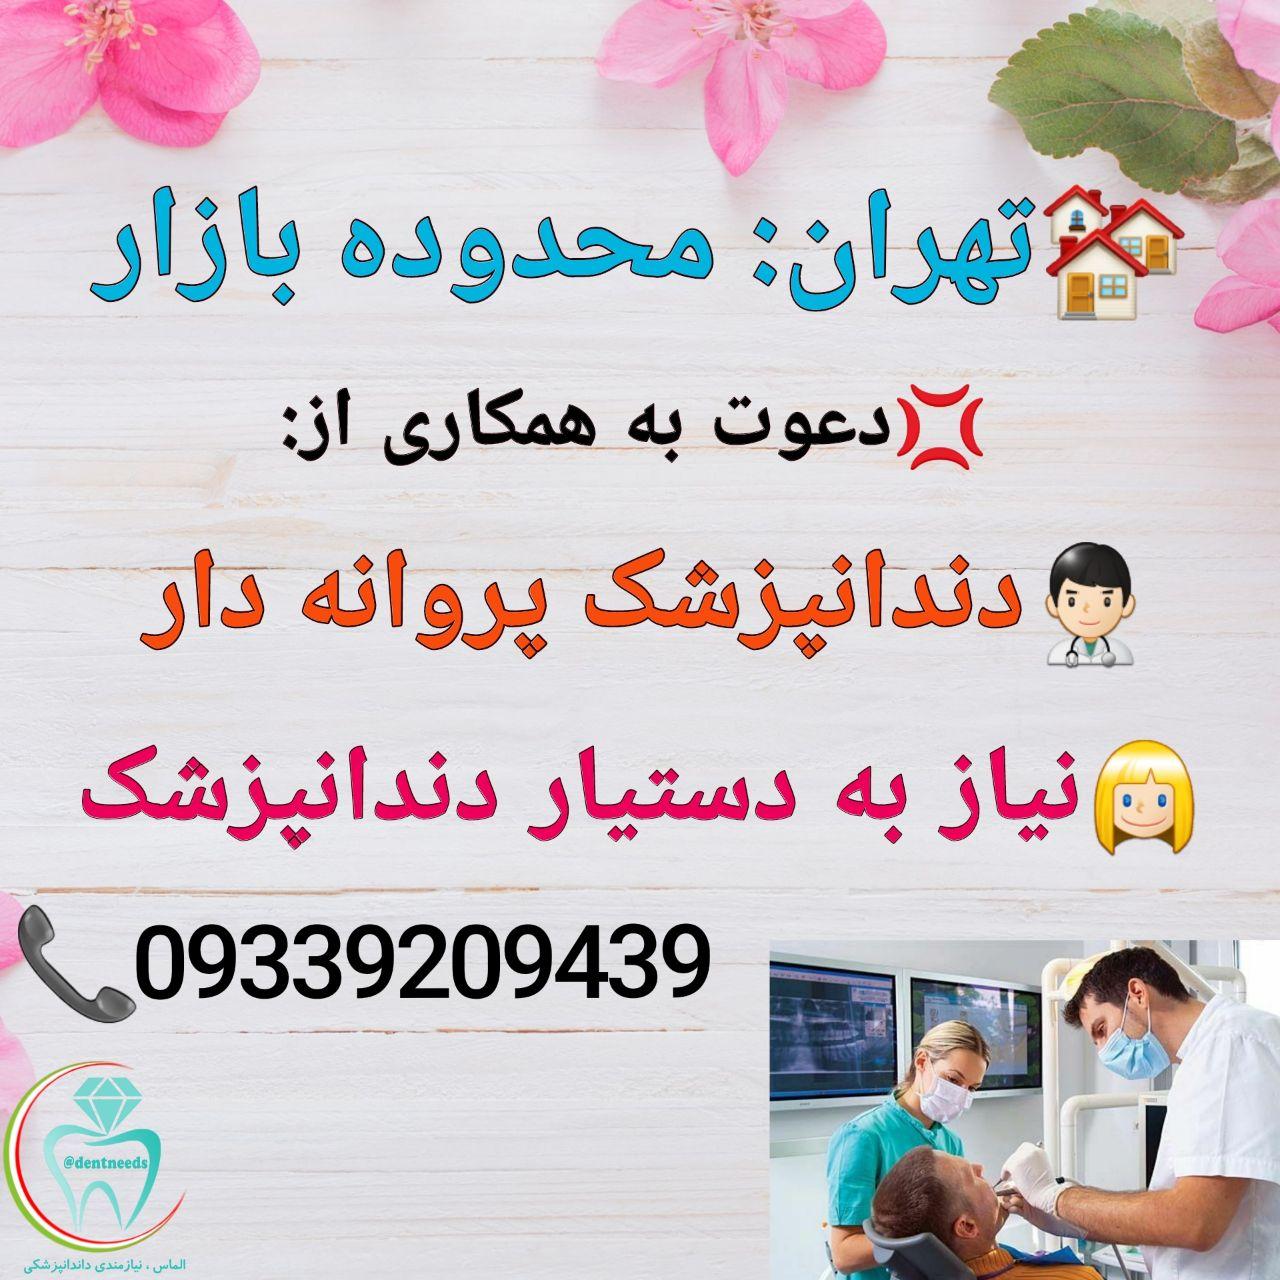 تهران: محدوده بازار، نیاز به دندانپزشک پروانه دار، و نیاز به دستیار دندانپزشک